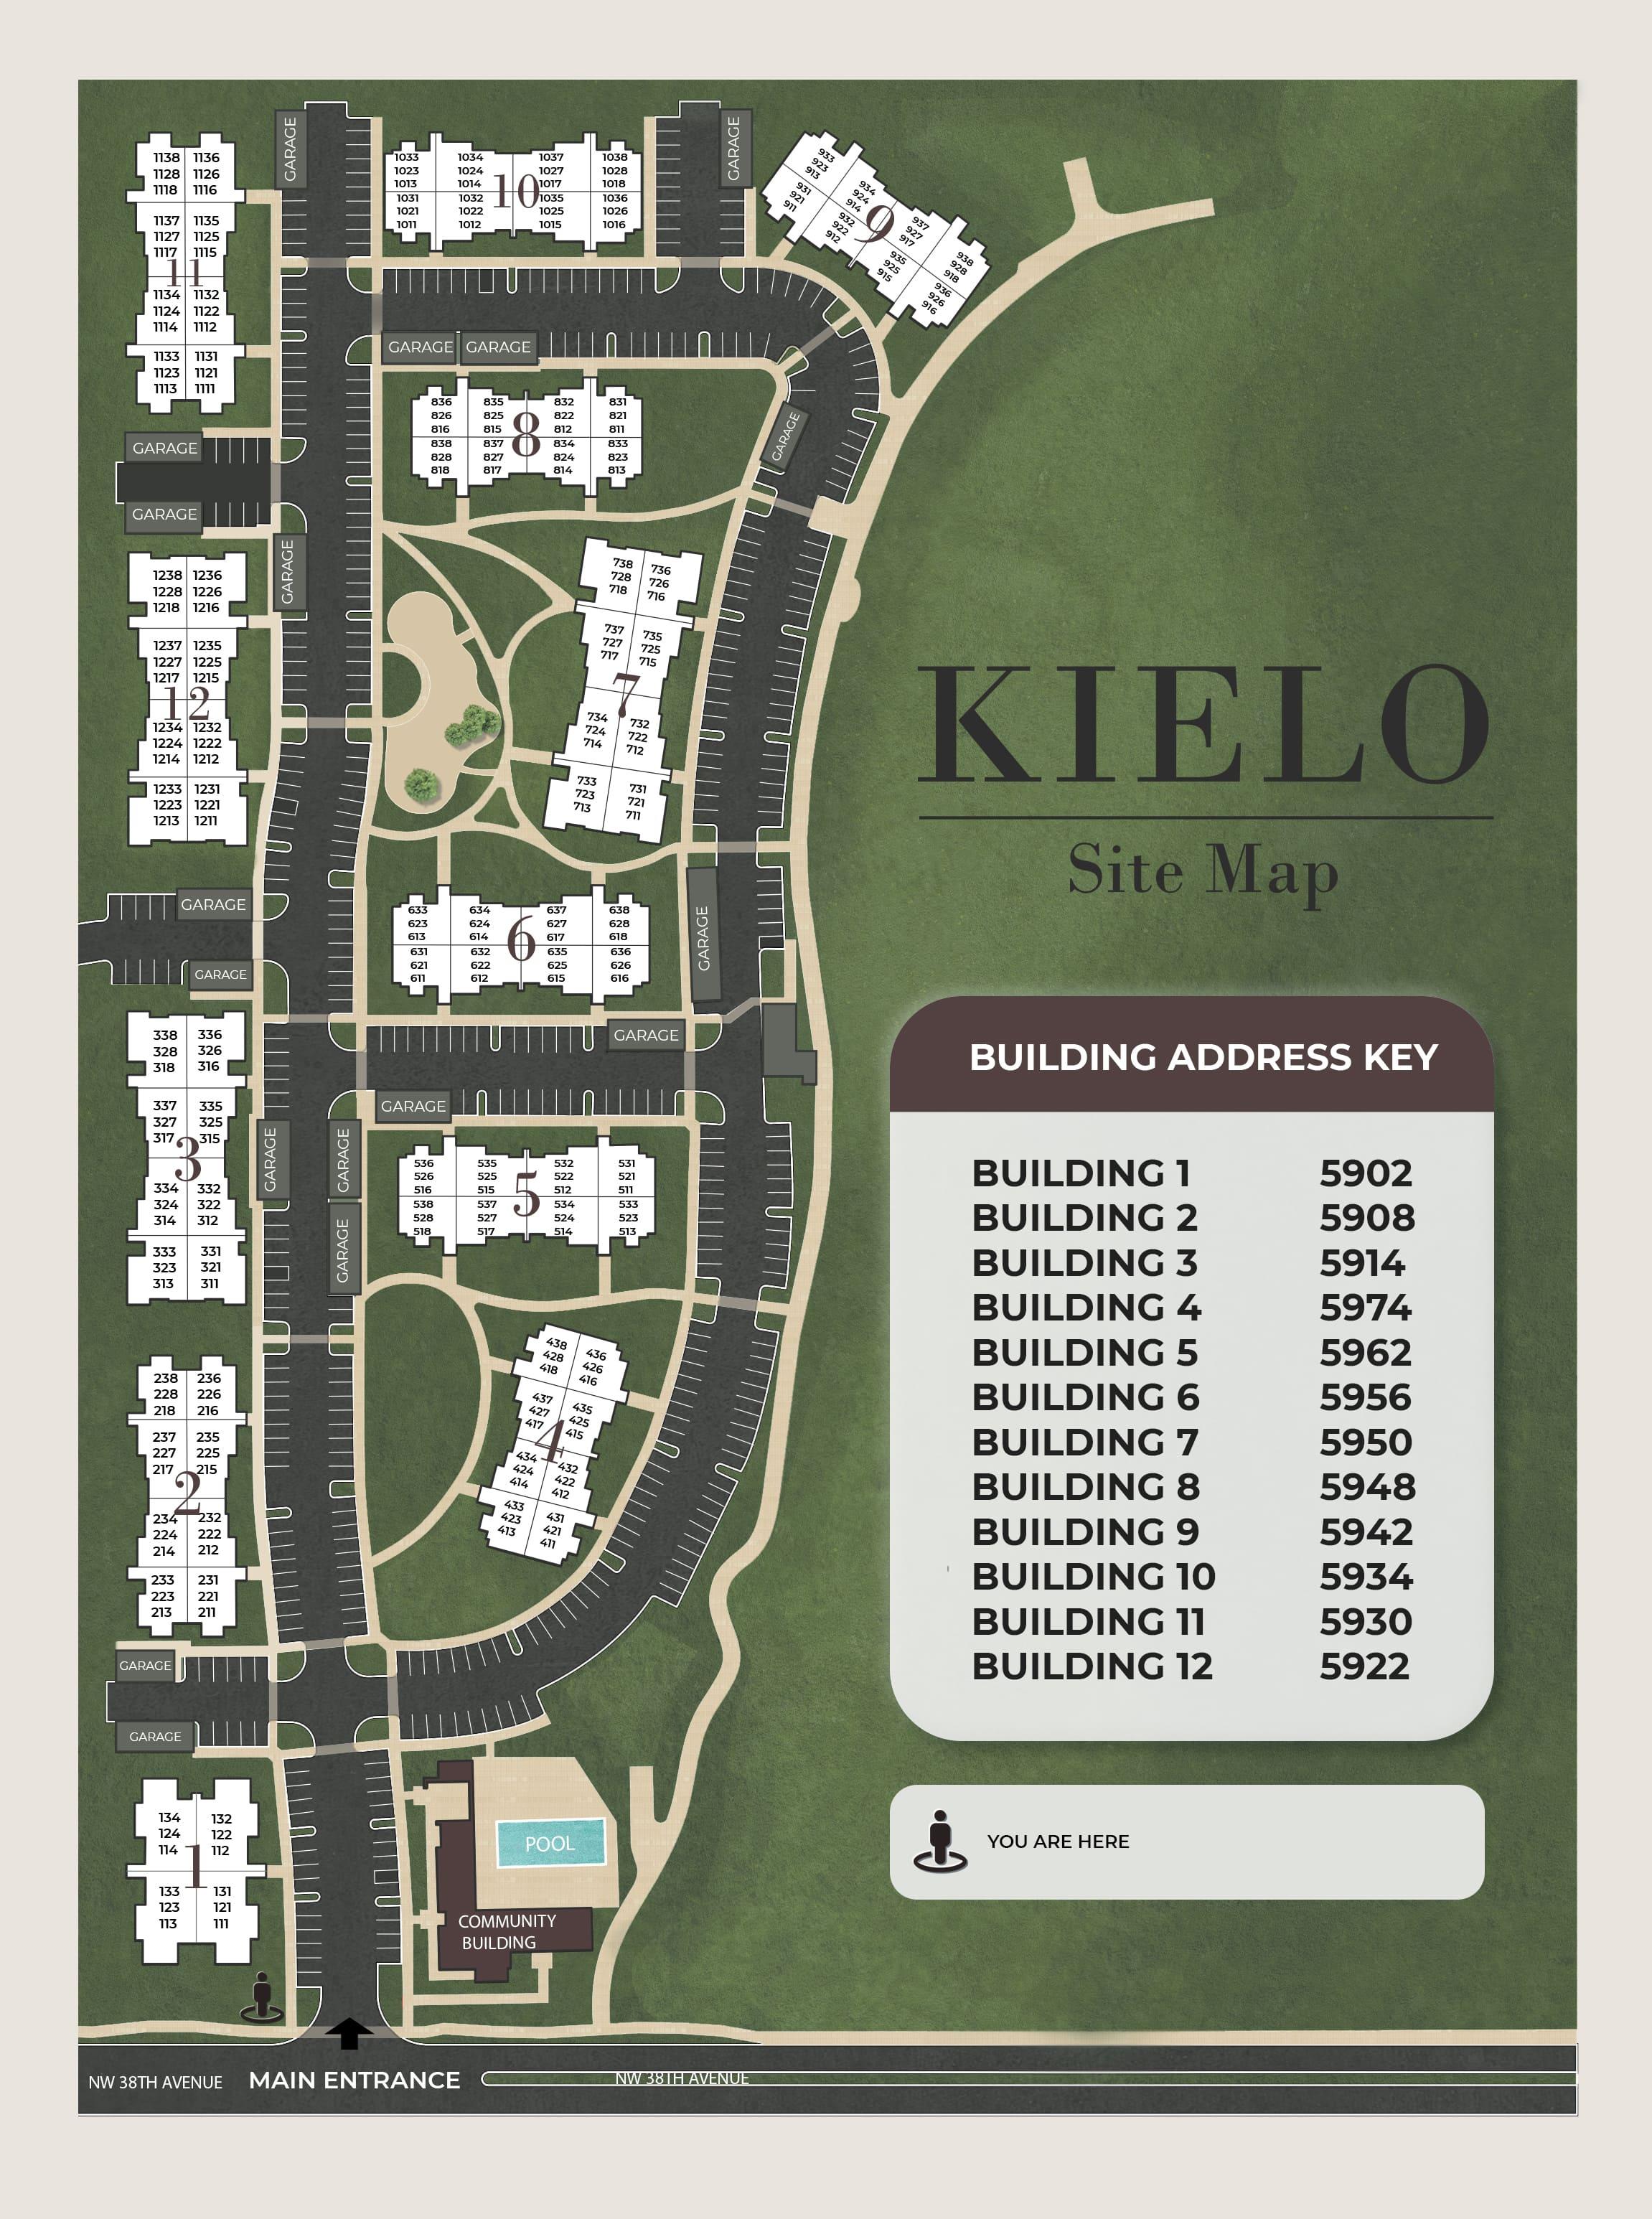 Kielo - Site Map